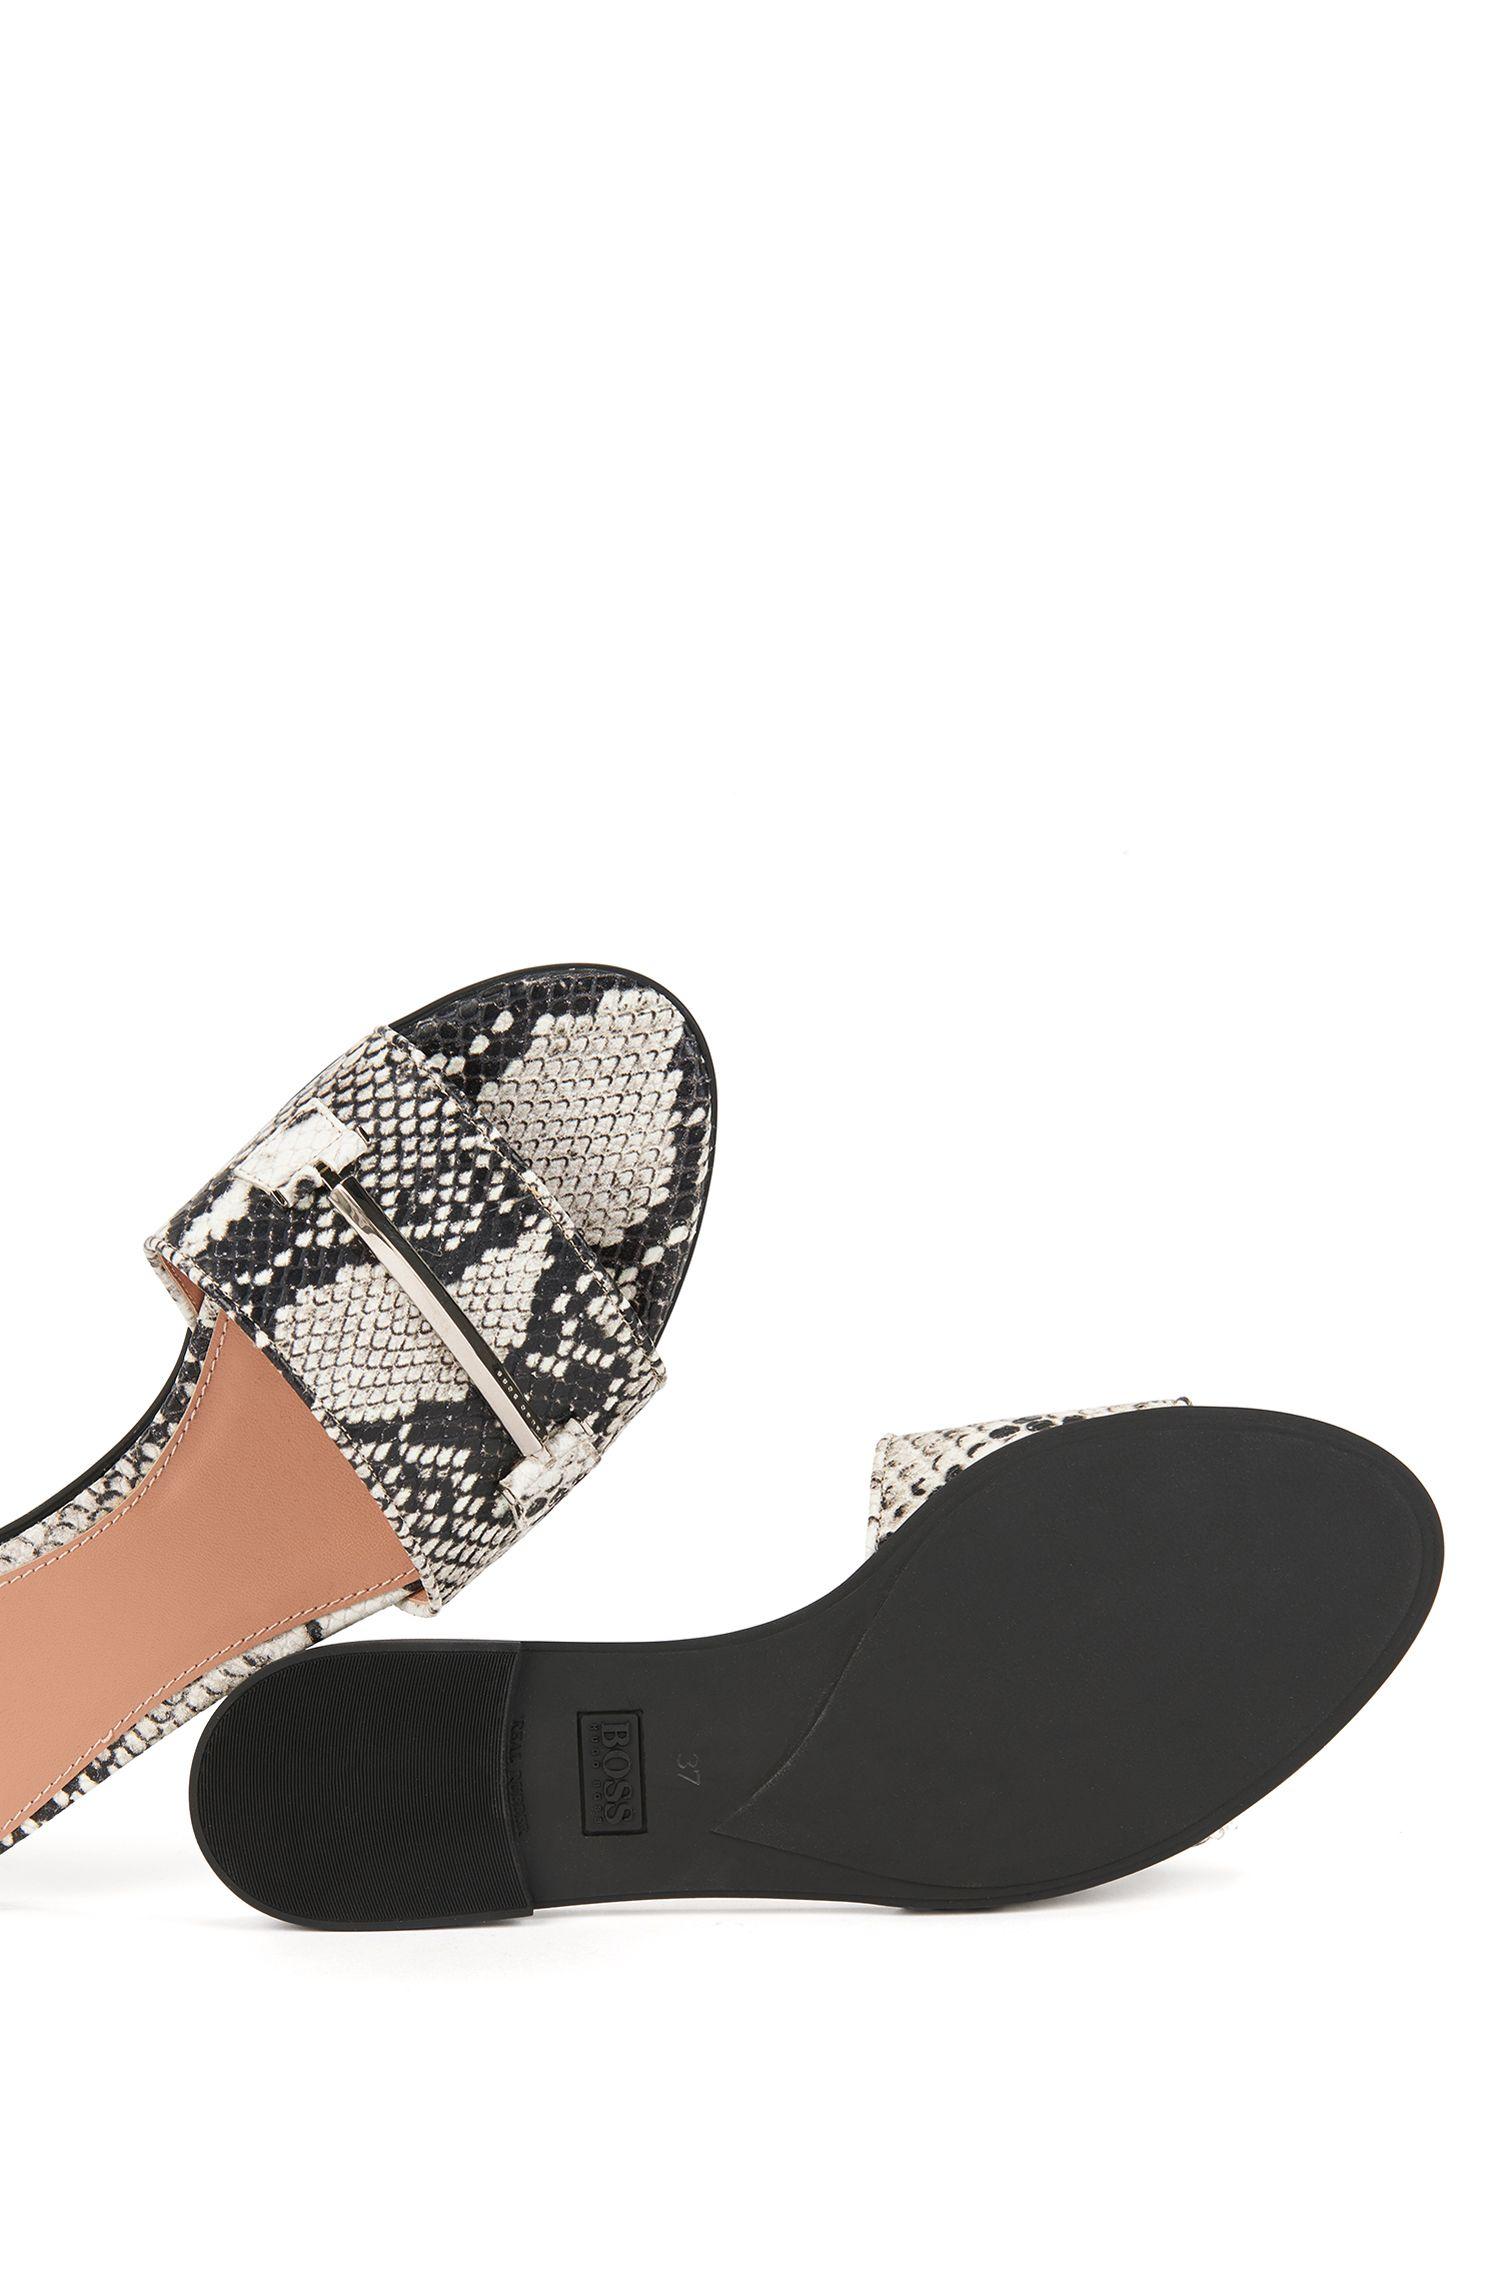 Slides aus italienischem Leder mit Schlangenleder-Print